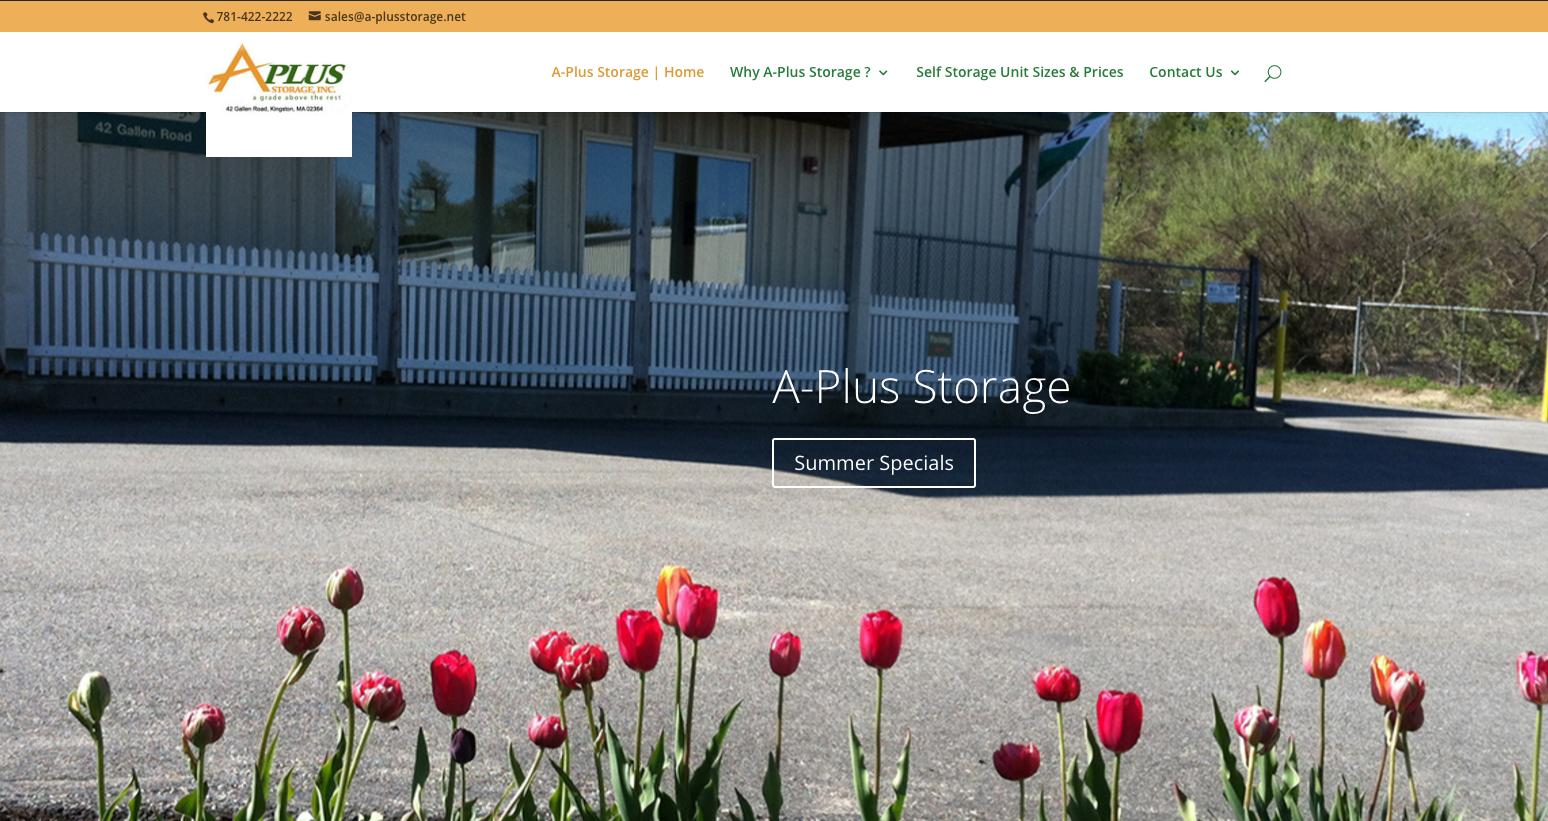 A-Plus Storage